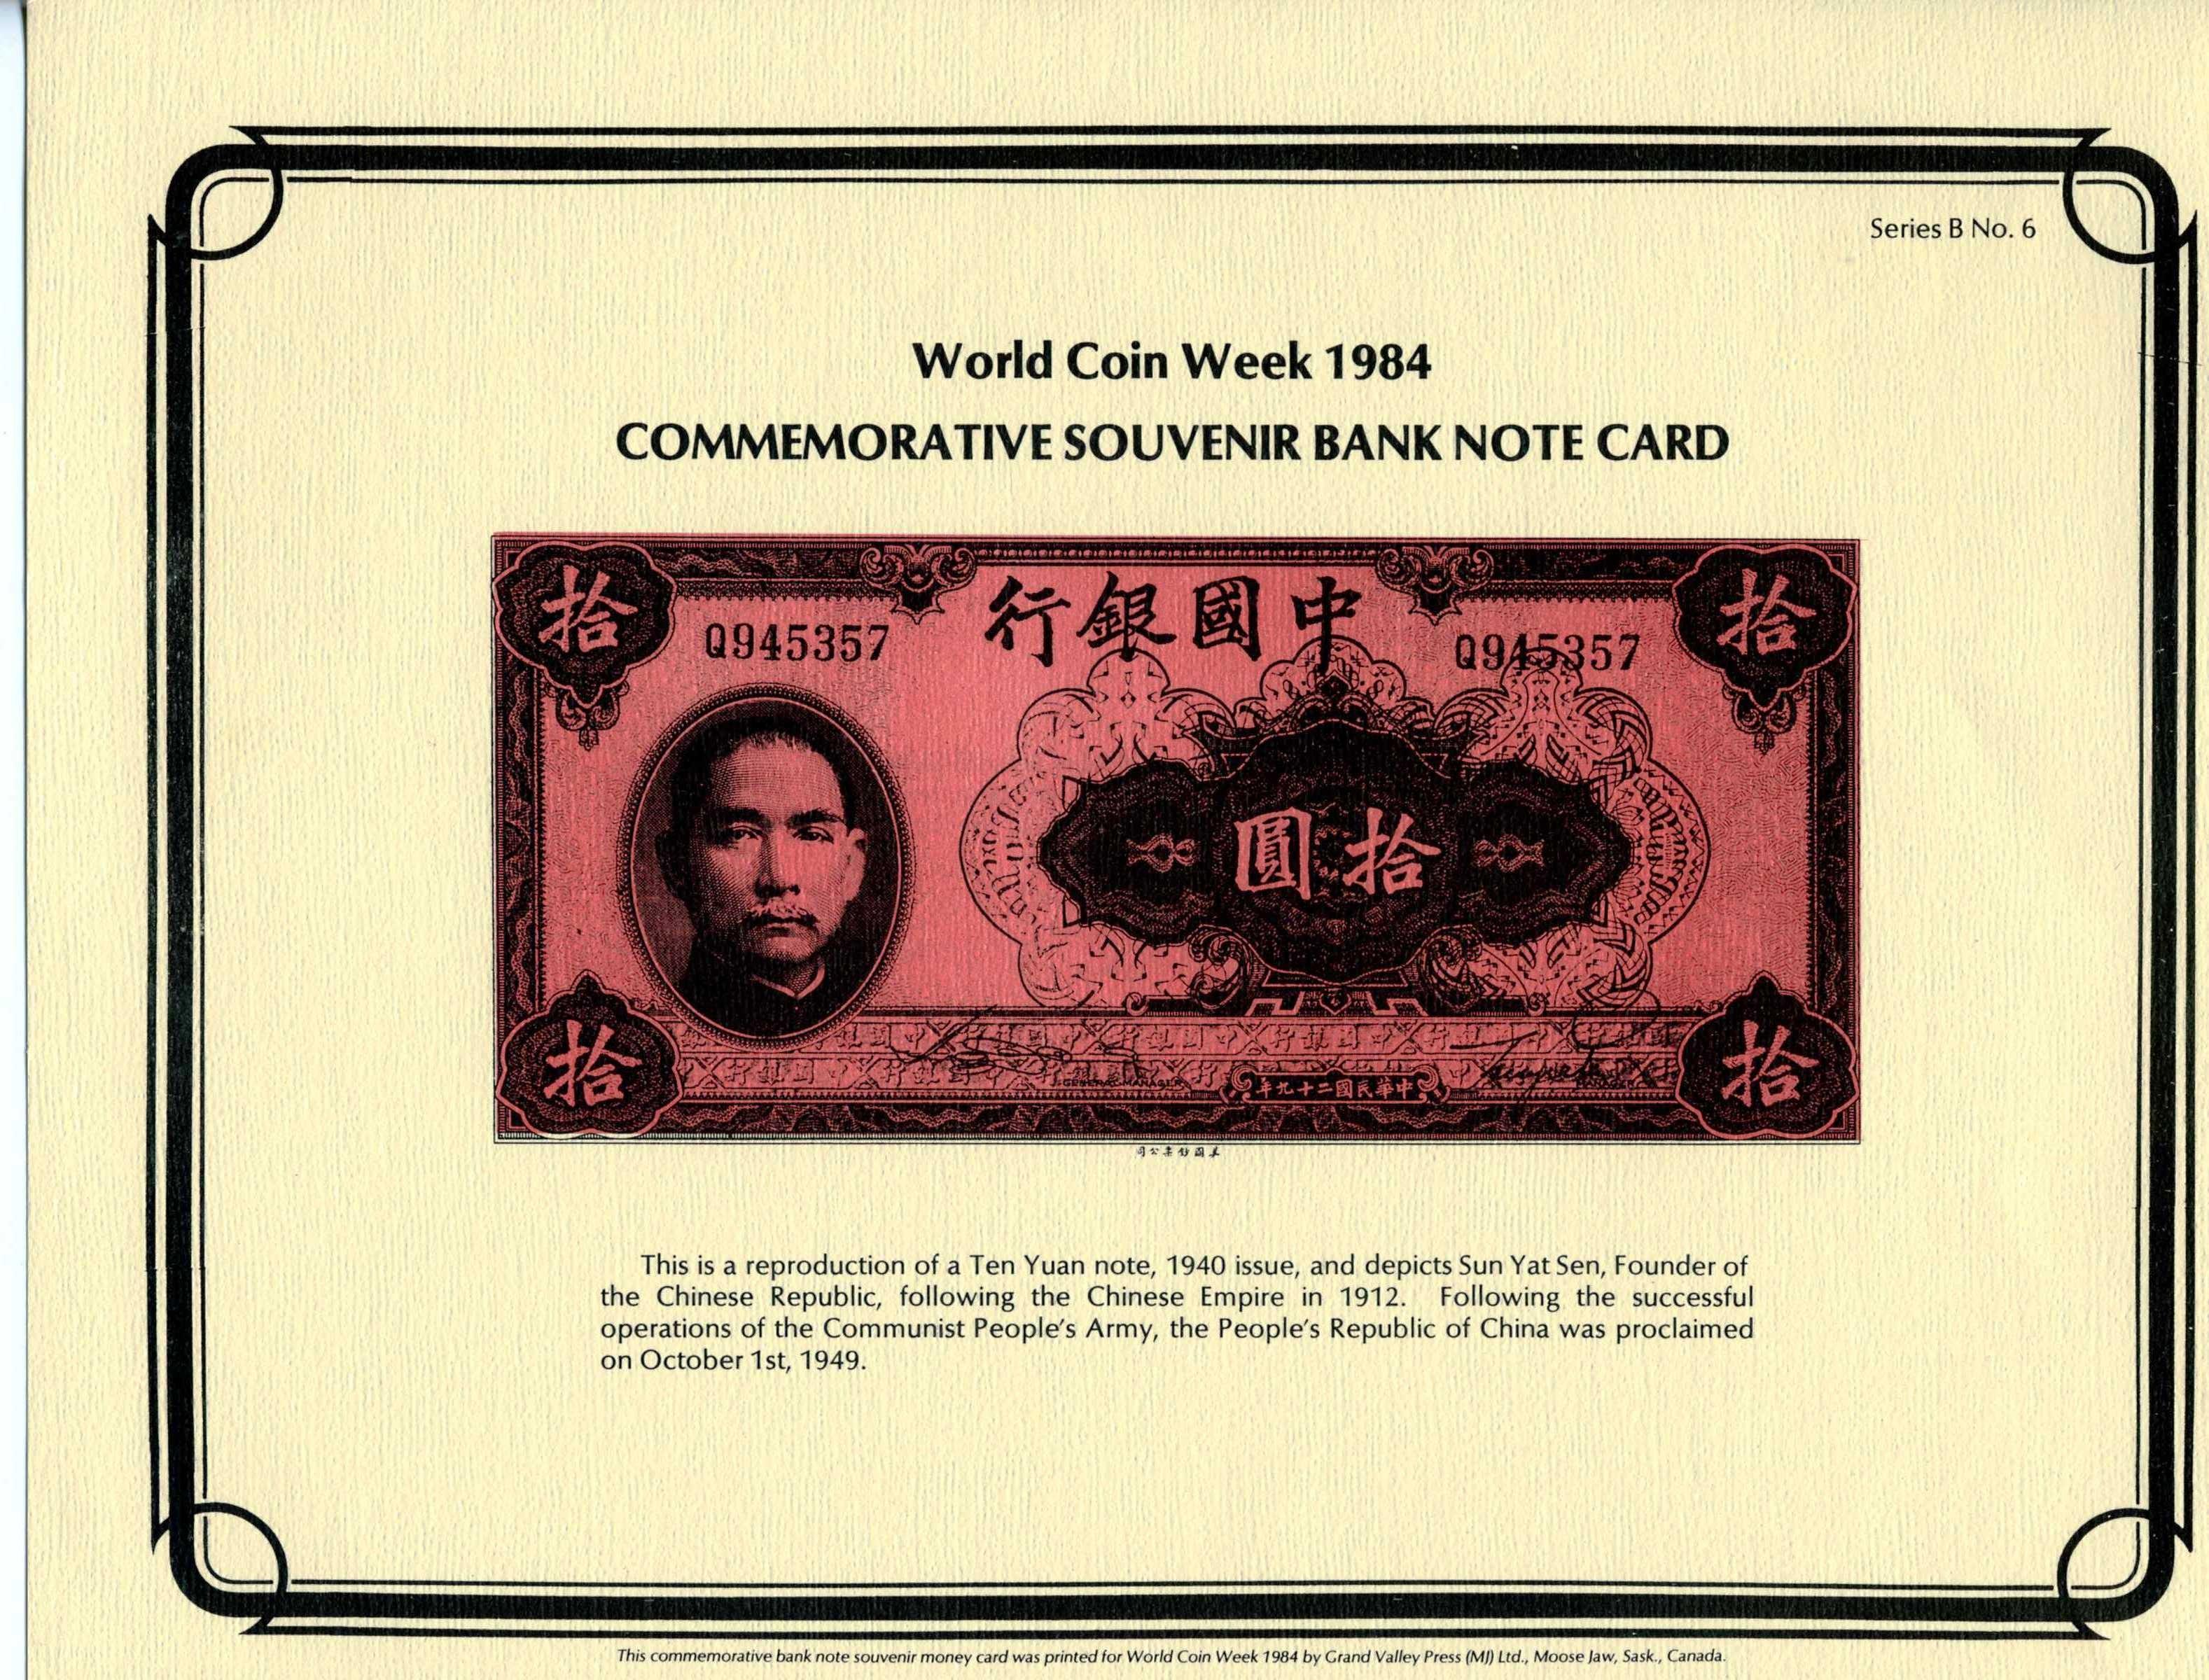 card_WCW1984_B6.jpg